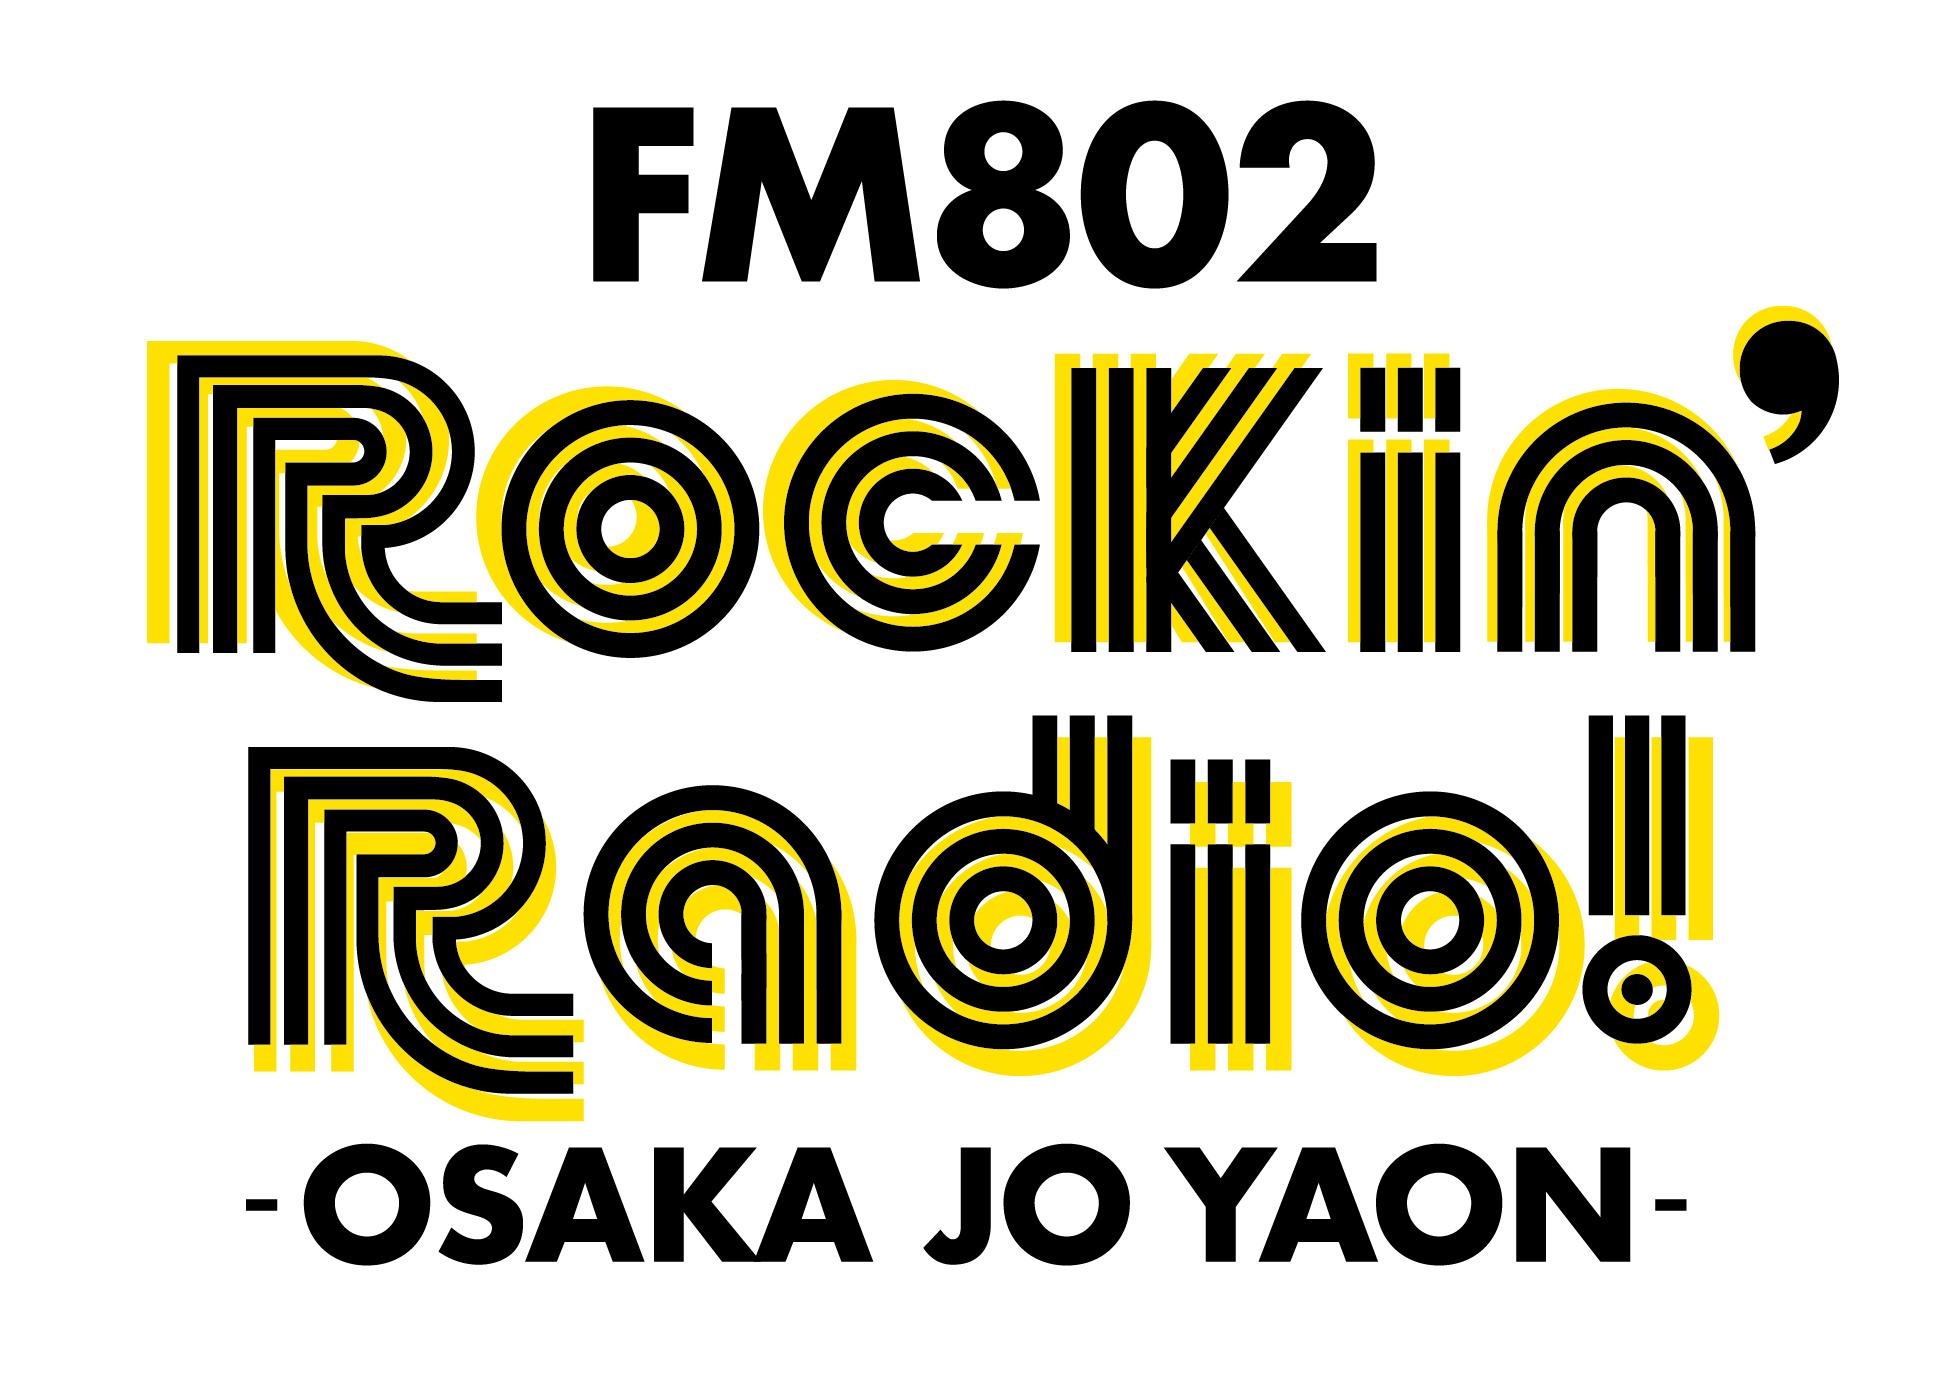 『FM802 Rockin'Radio! -OSAKA JO YAON-』